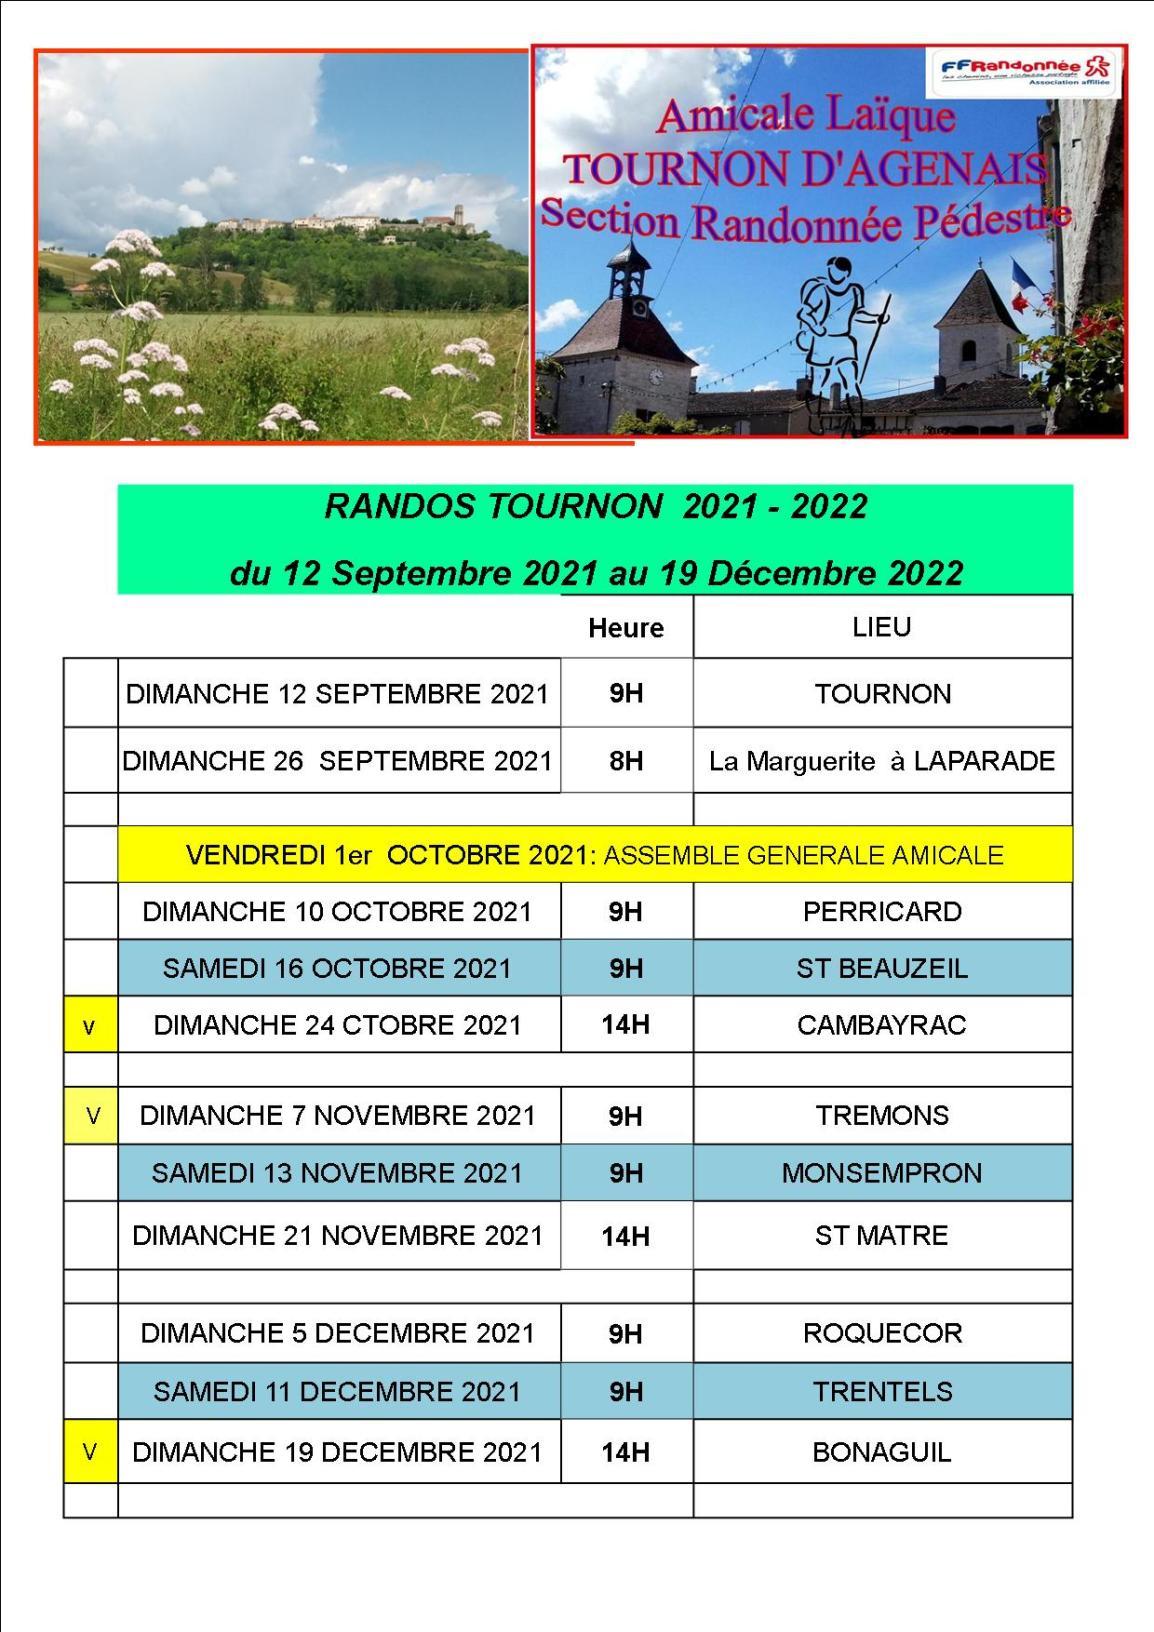 Calendrier Randos 1er Trimestre 2021 2022 - Copie